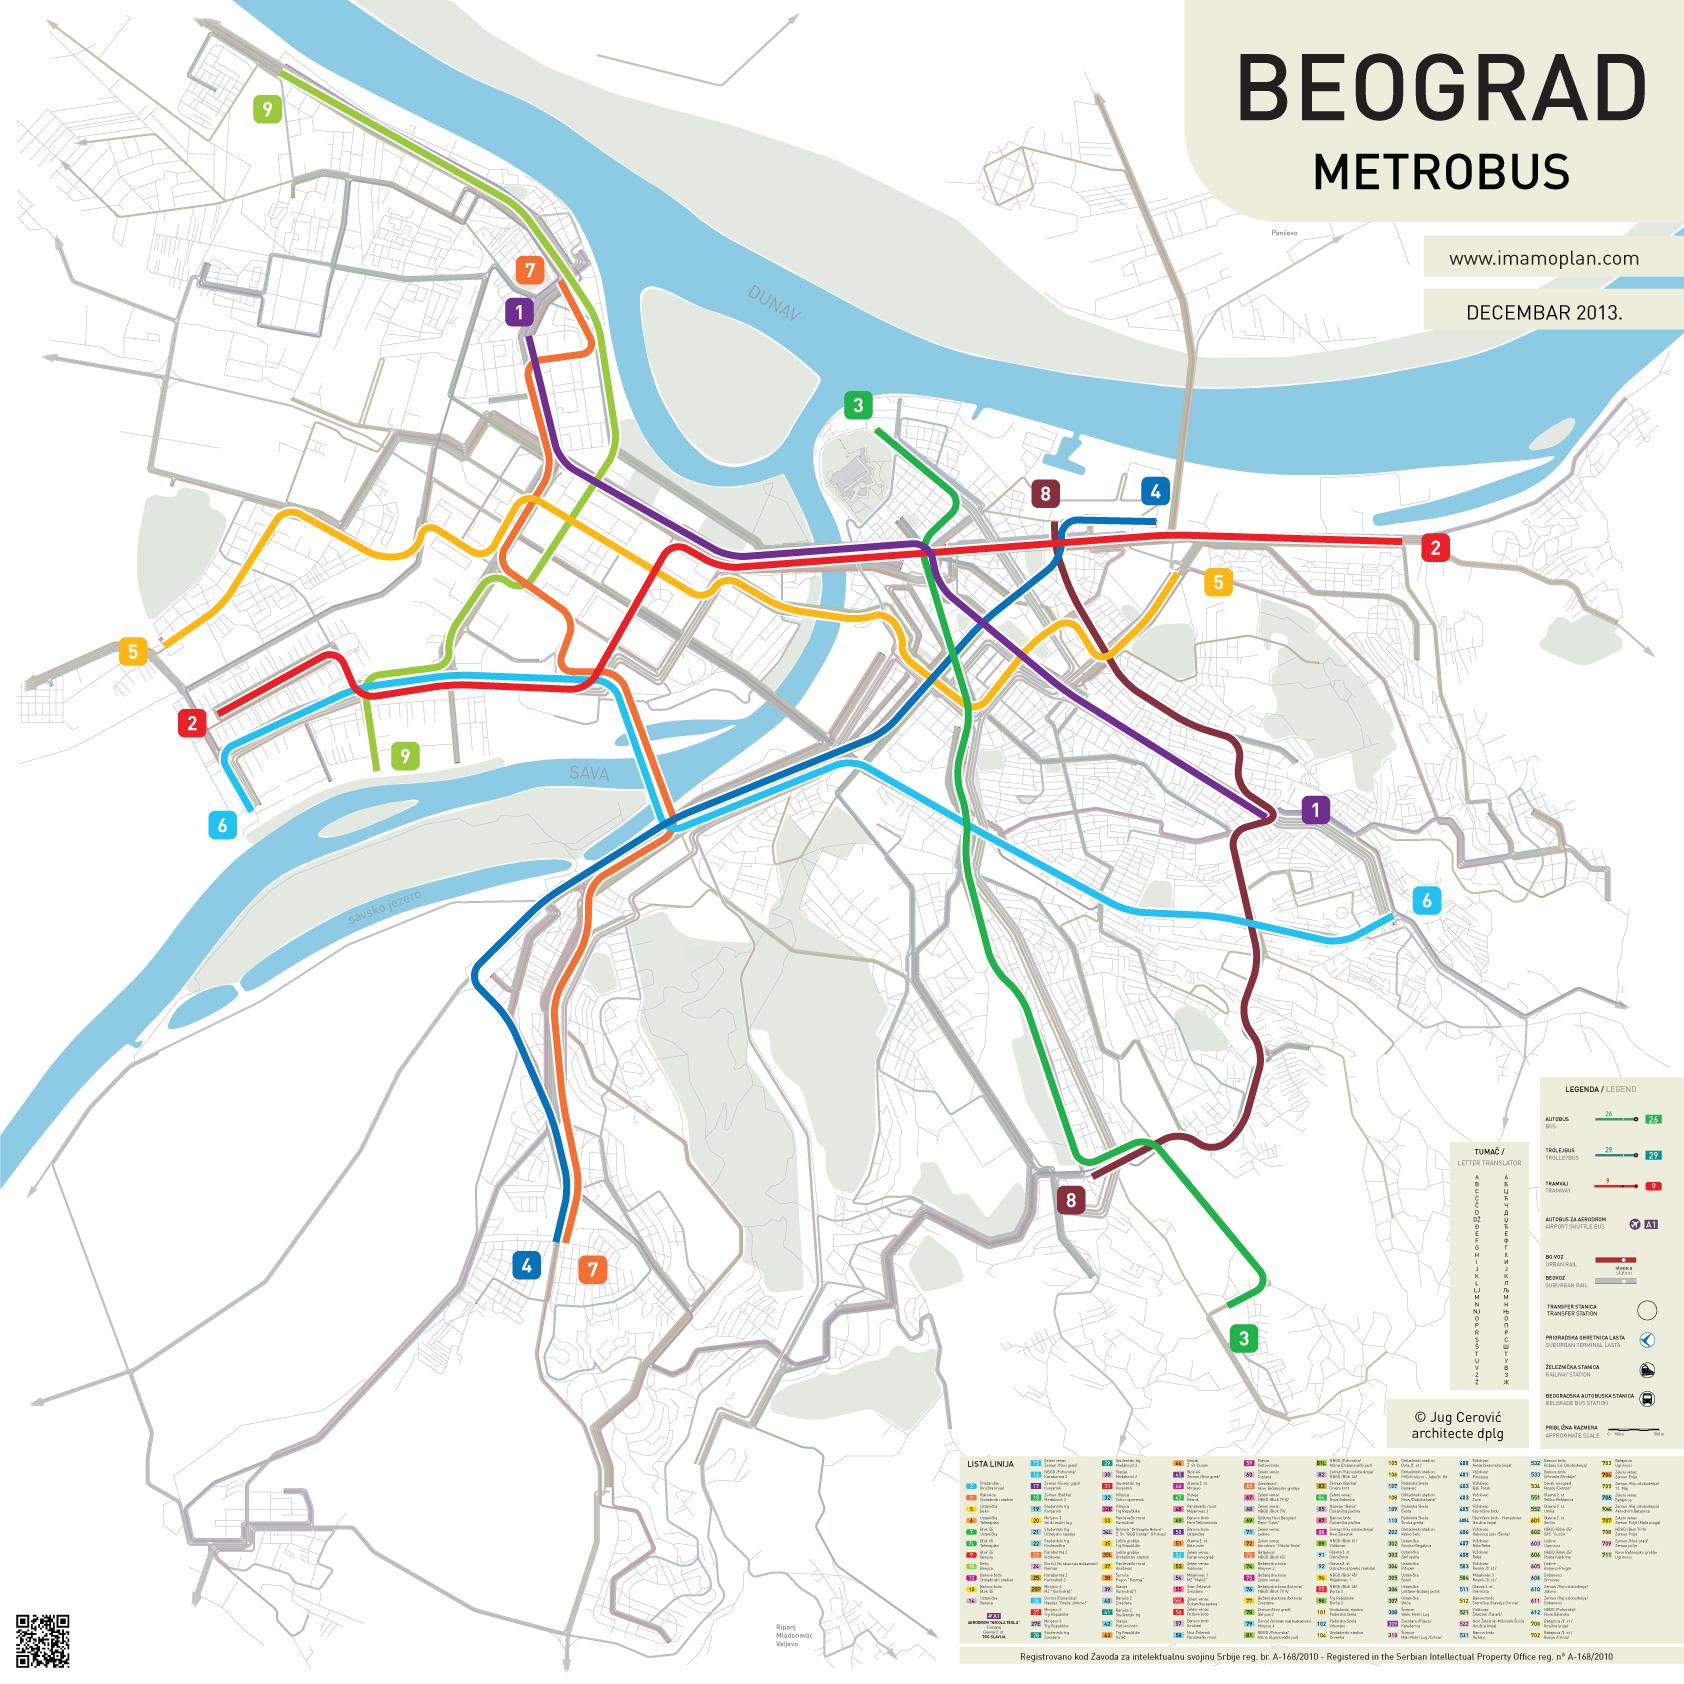 beograd mapa autobuskih linija Ideje za nove linije / izmene postojećih linija JGPP   Page 24  beograd mapa autobuskih linija